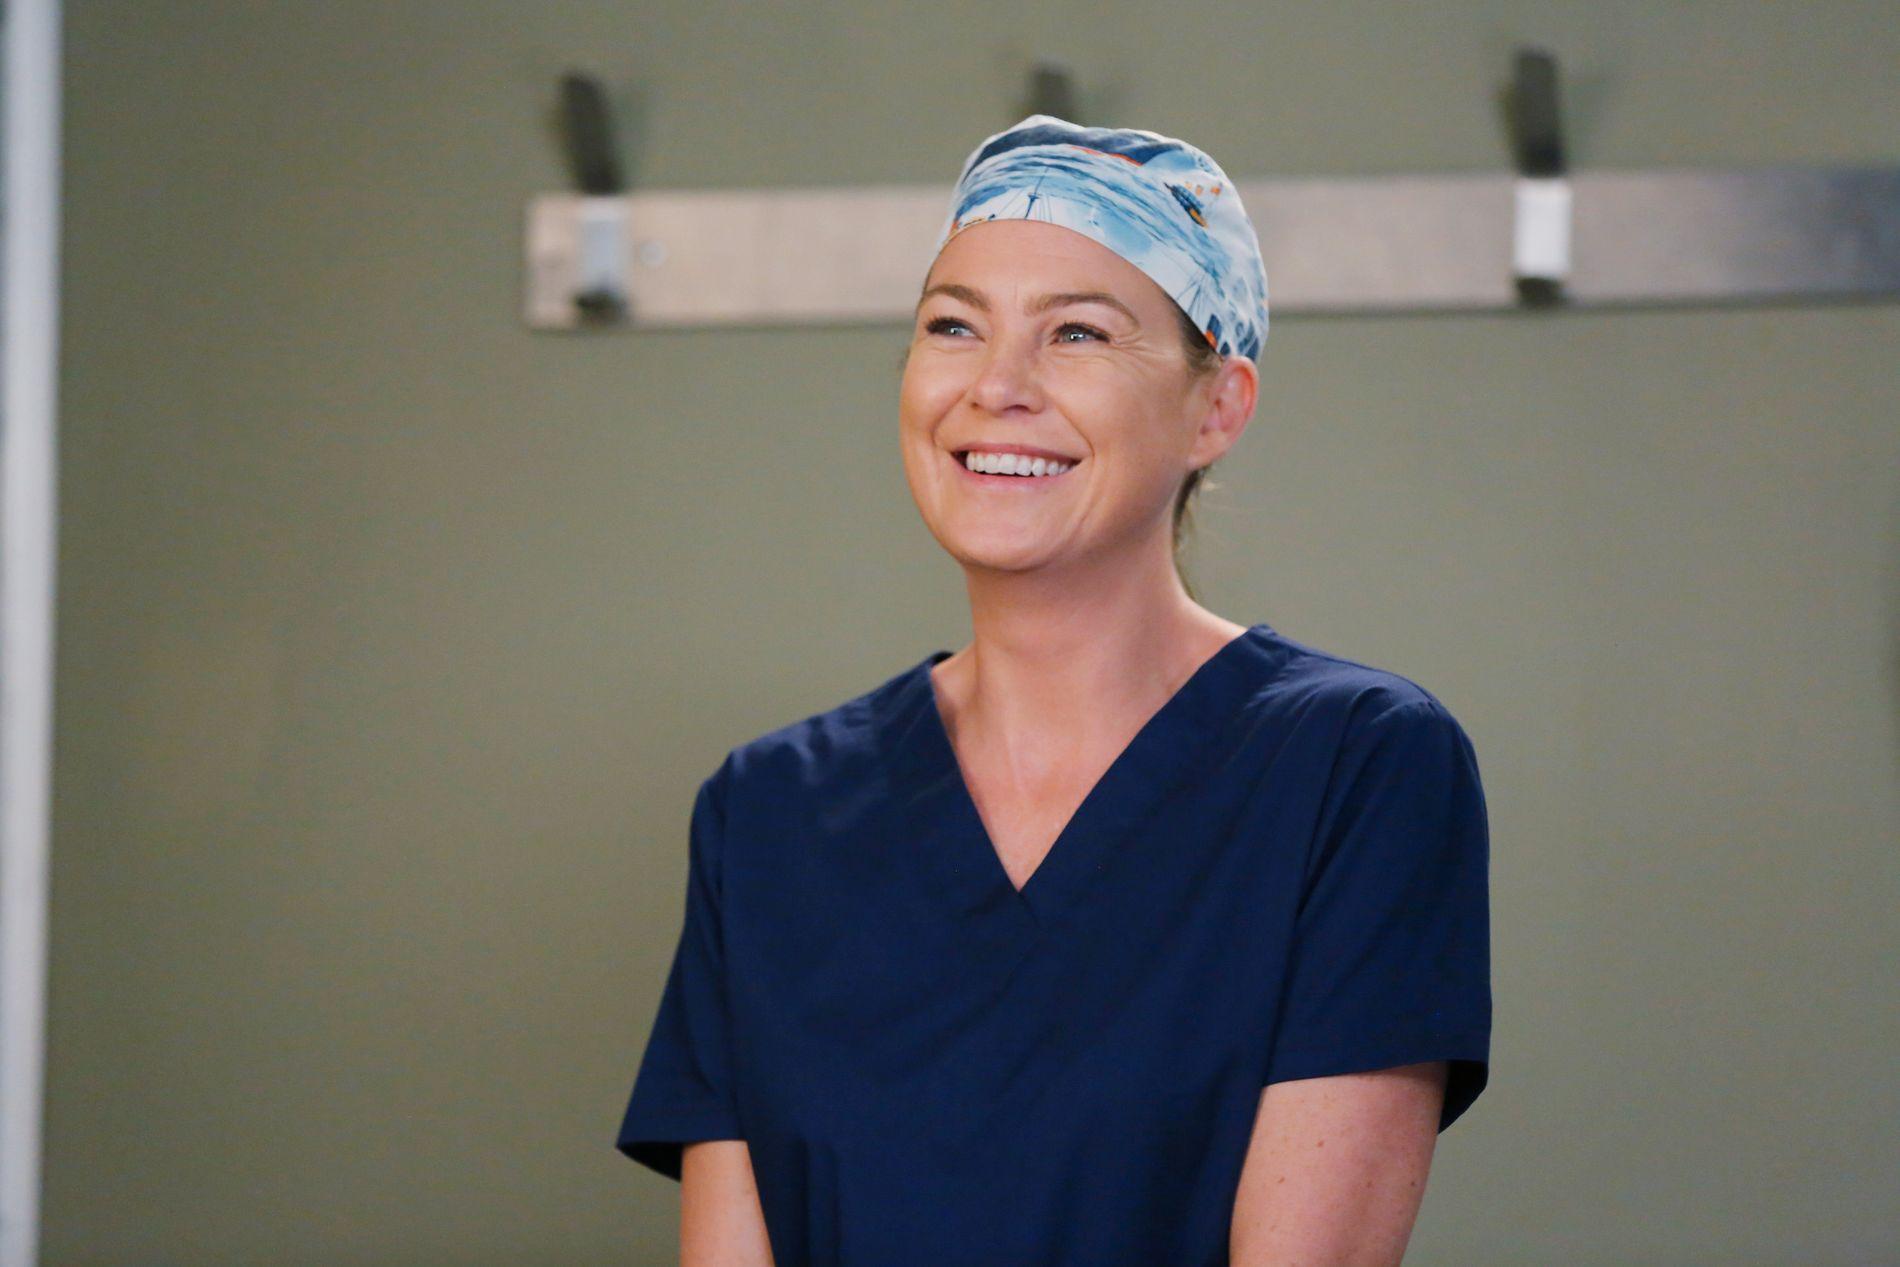 MYE SKJER: Ellen Pompeo som Meredith Grey i sesong 12 av «Grey's Anatomy». Hun er med videre.